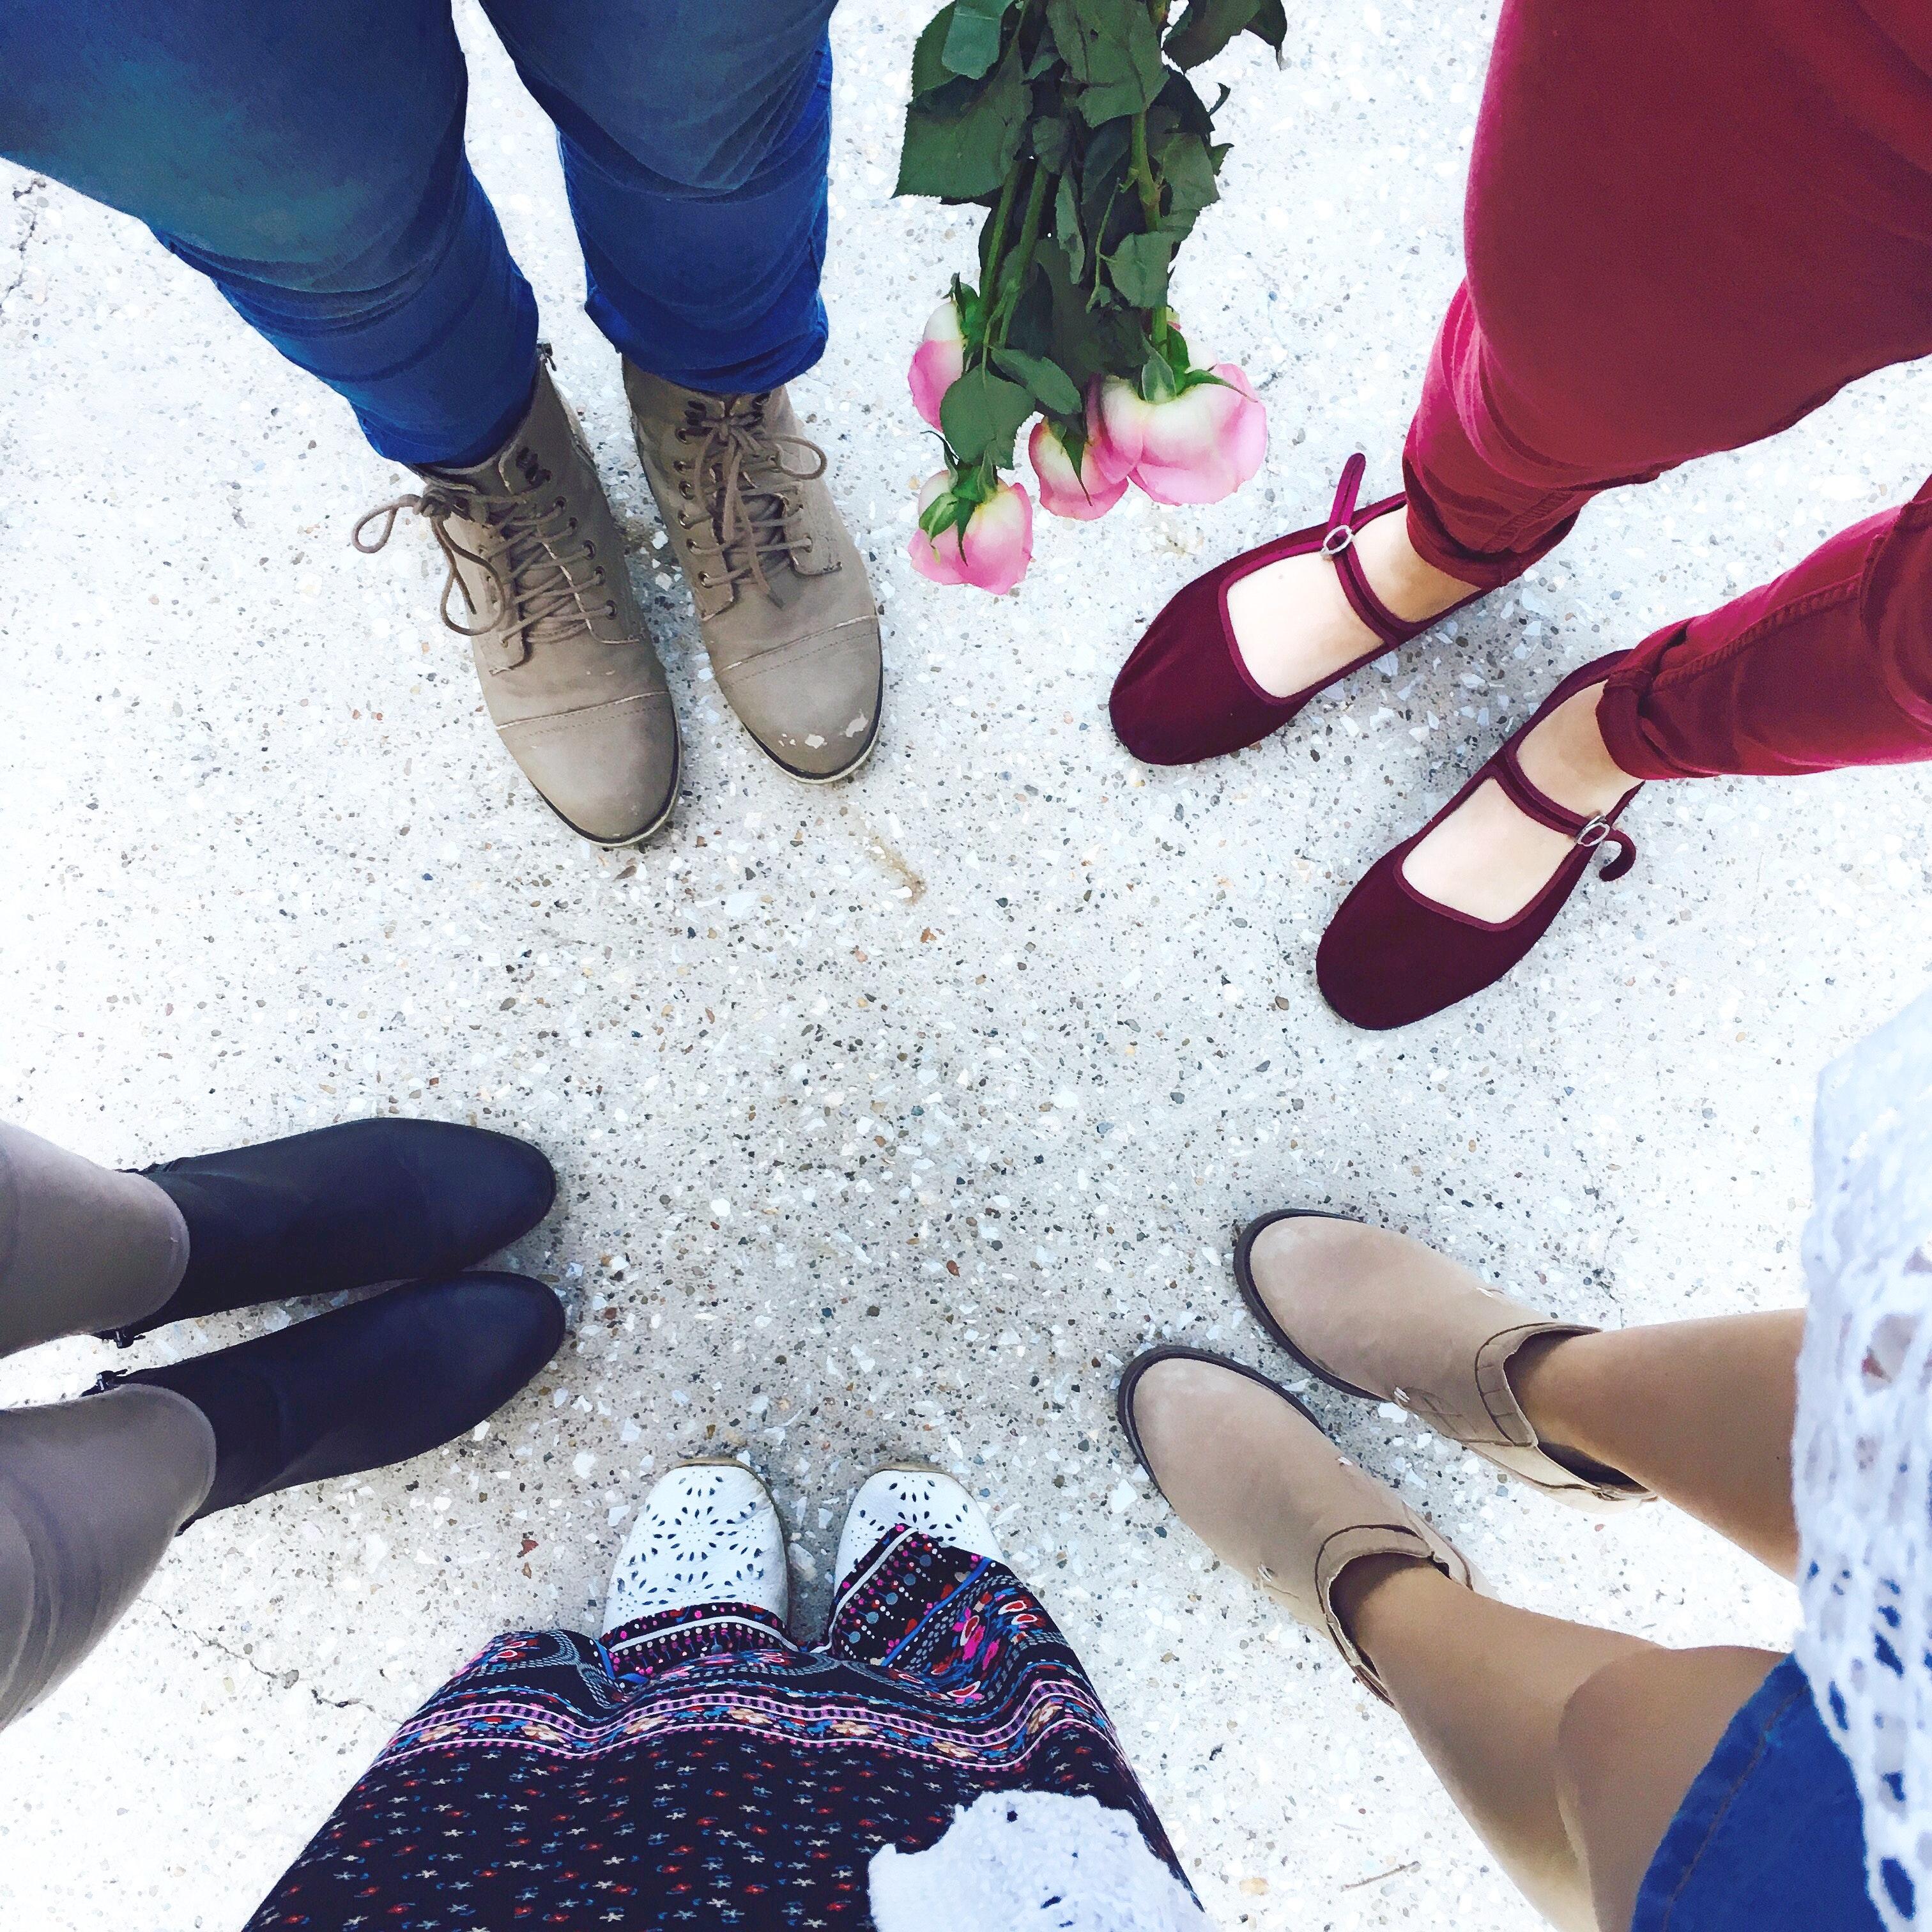 67b7f0f4 Los pies son una parte del cuerpo que debemos mimar y prestar mucha  atención, además de cuidarlos porque nos ayudan a caminar. A menudo, los  zapatos nos ...